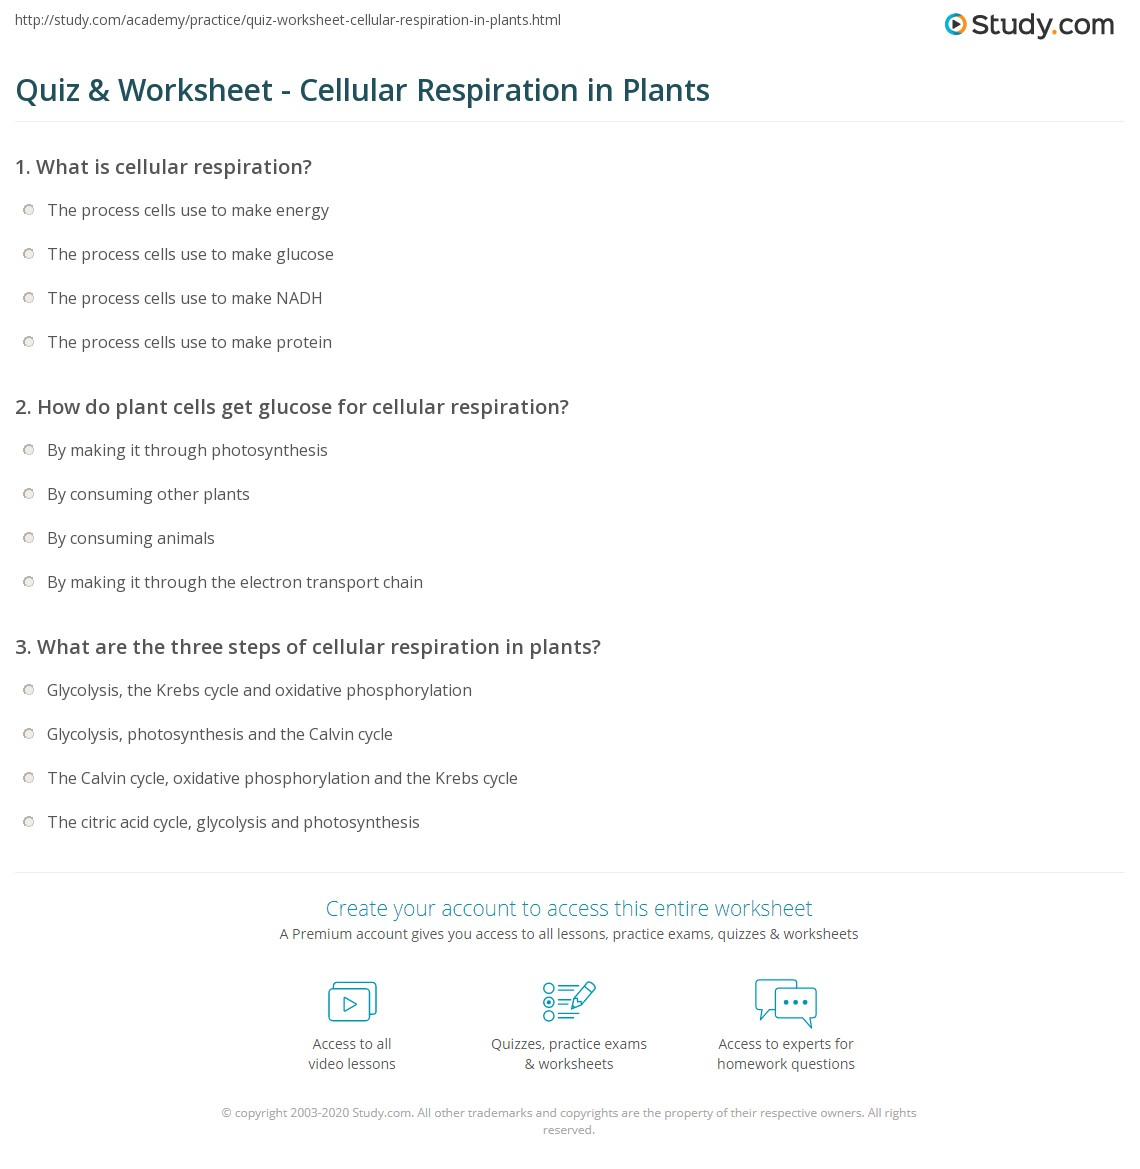 Quiz W Ksheet Cellul R Respir Ti Pl Nts Study